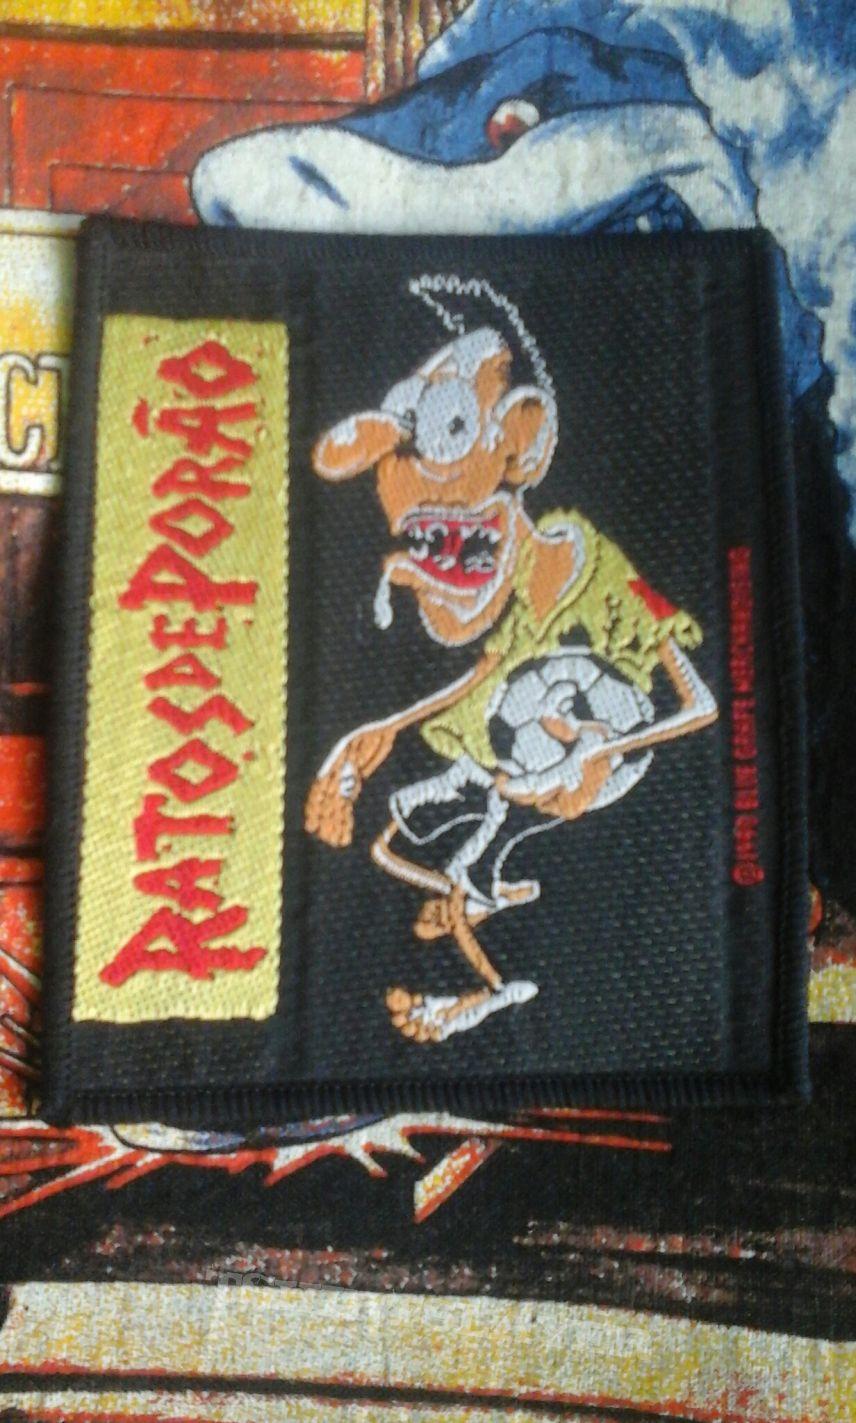 Ratos De Porão - Brasil original vintage woven patch